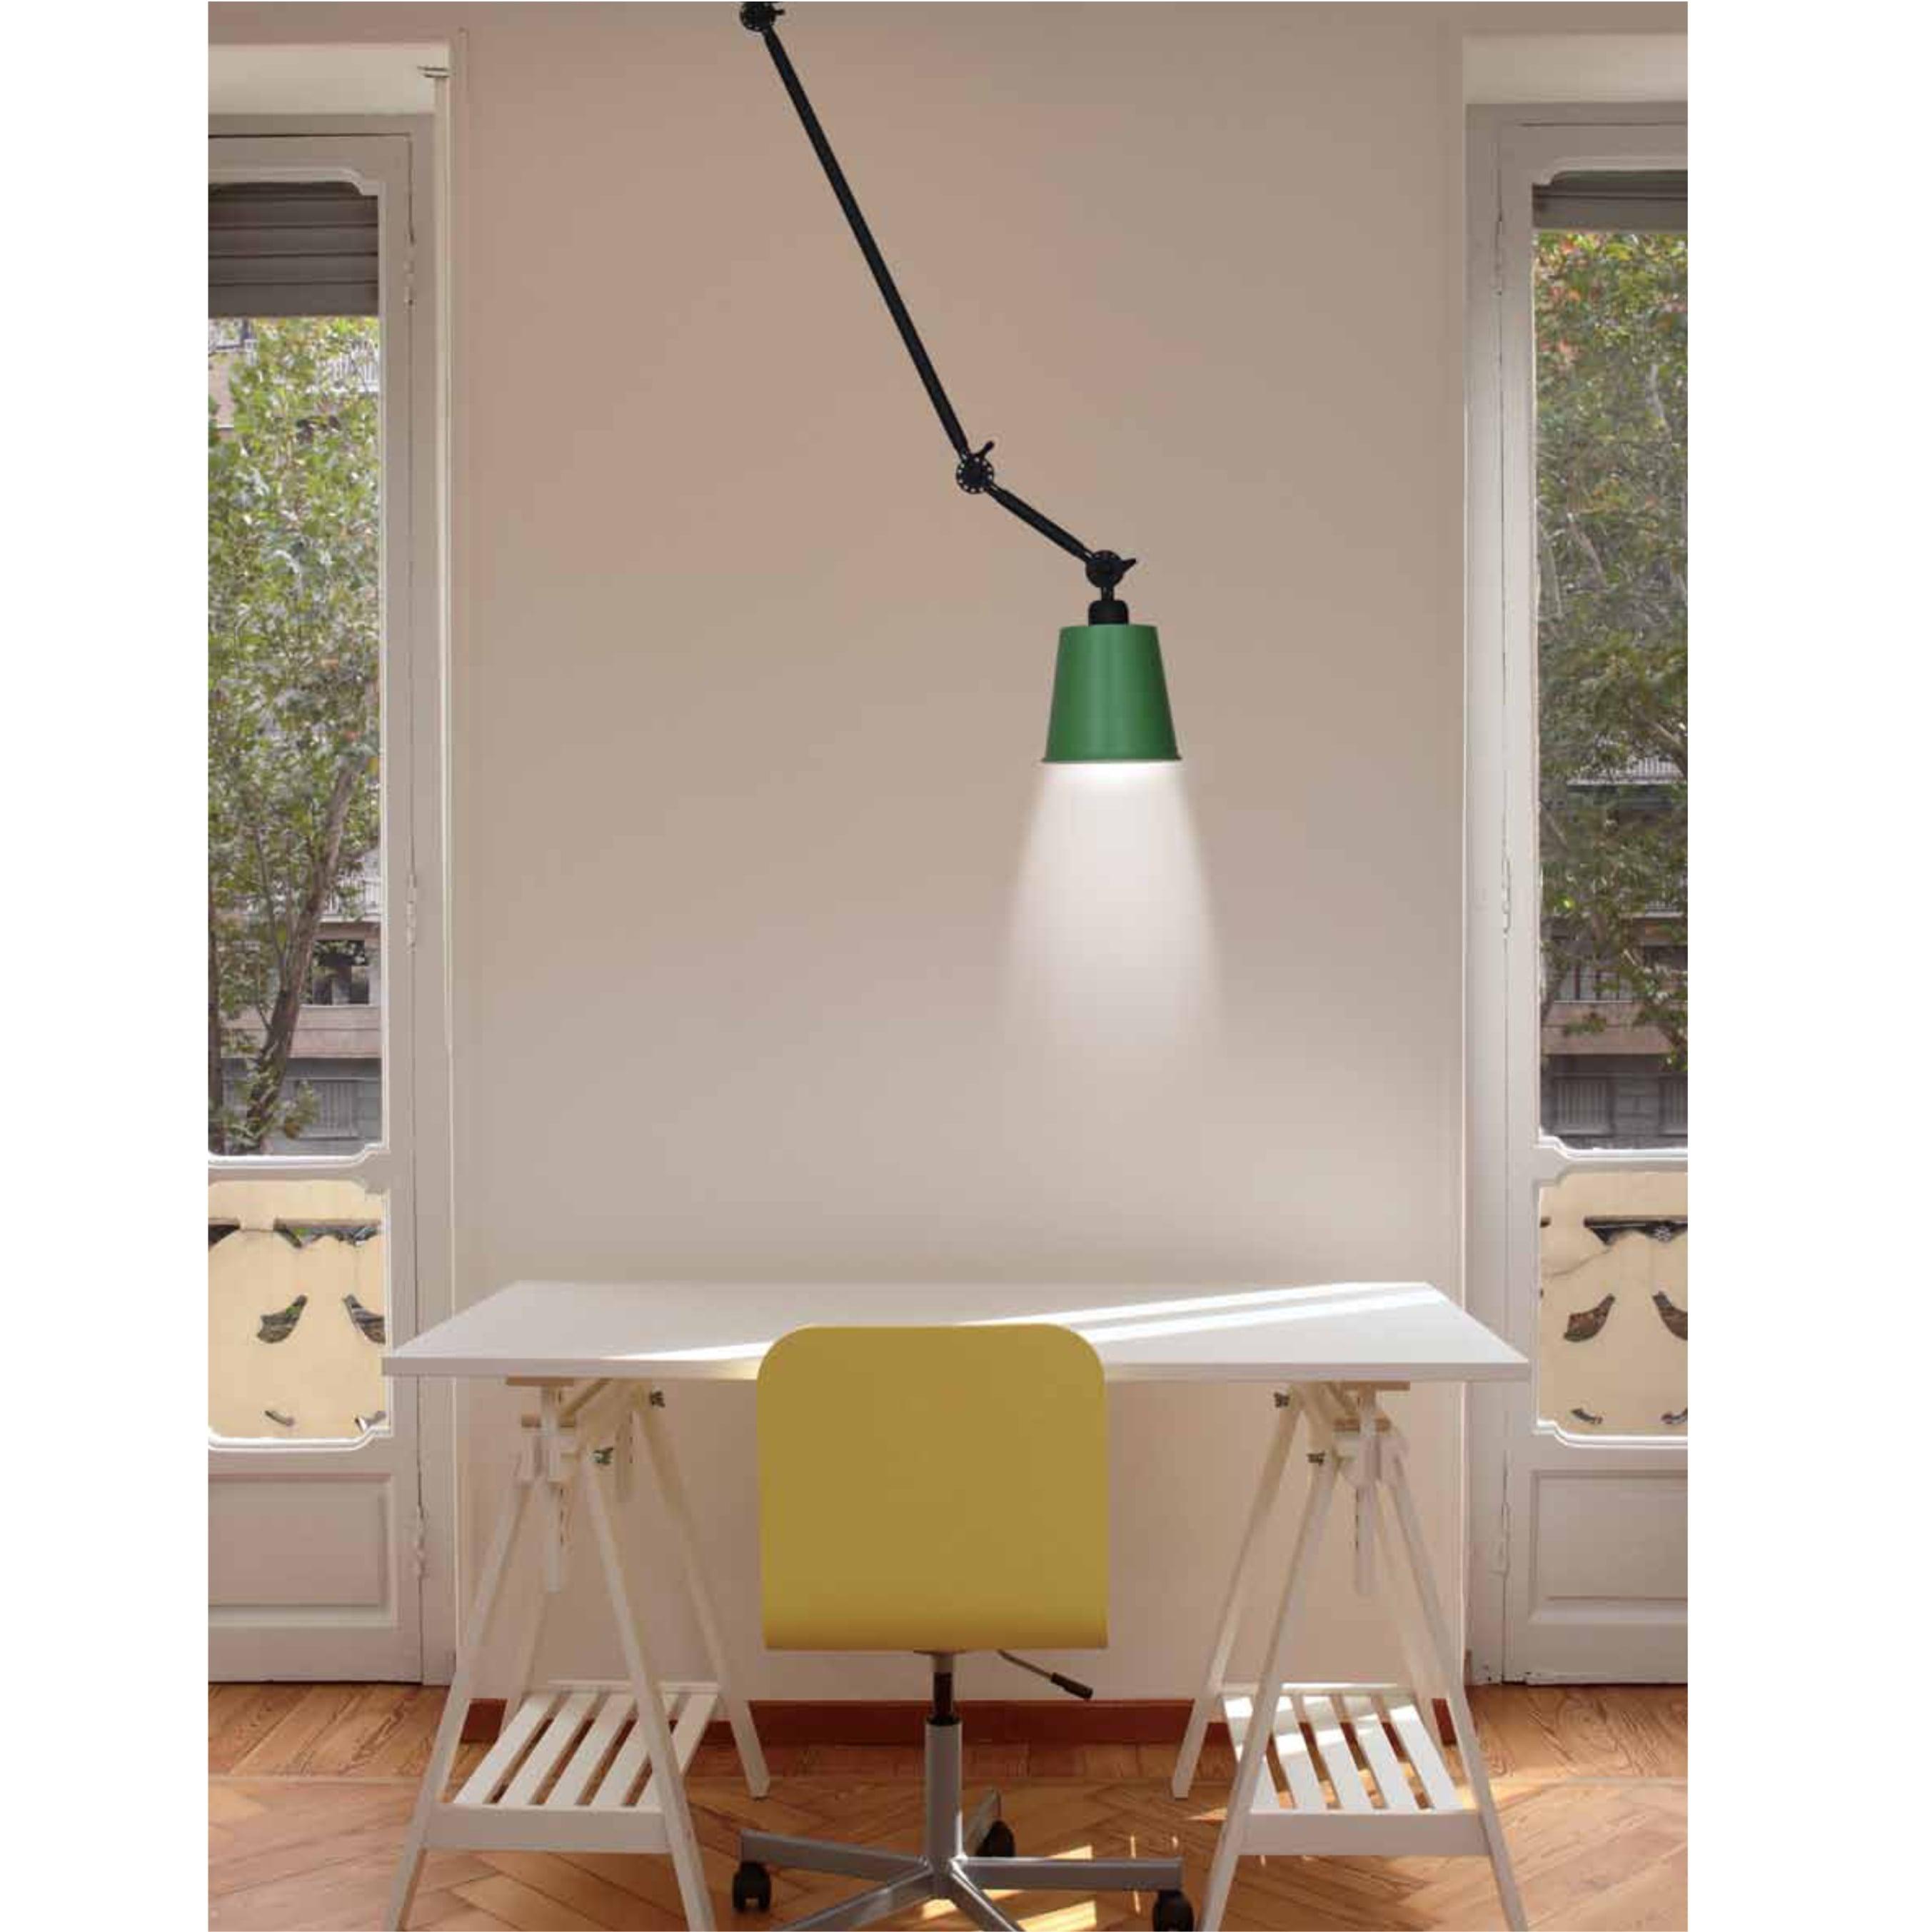 Lampă Cu Braț Reglabil  Mobil Home Lighting Focus  Structură + Abajur Diverse Culori